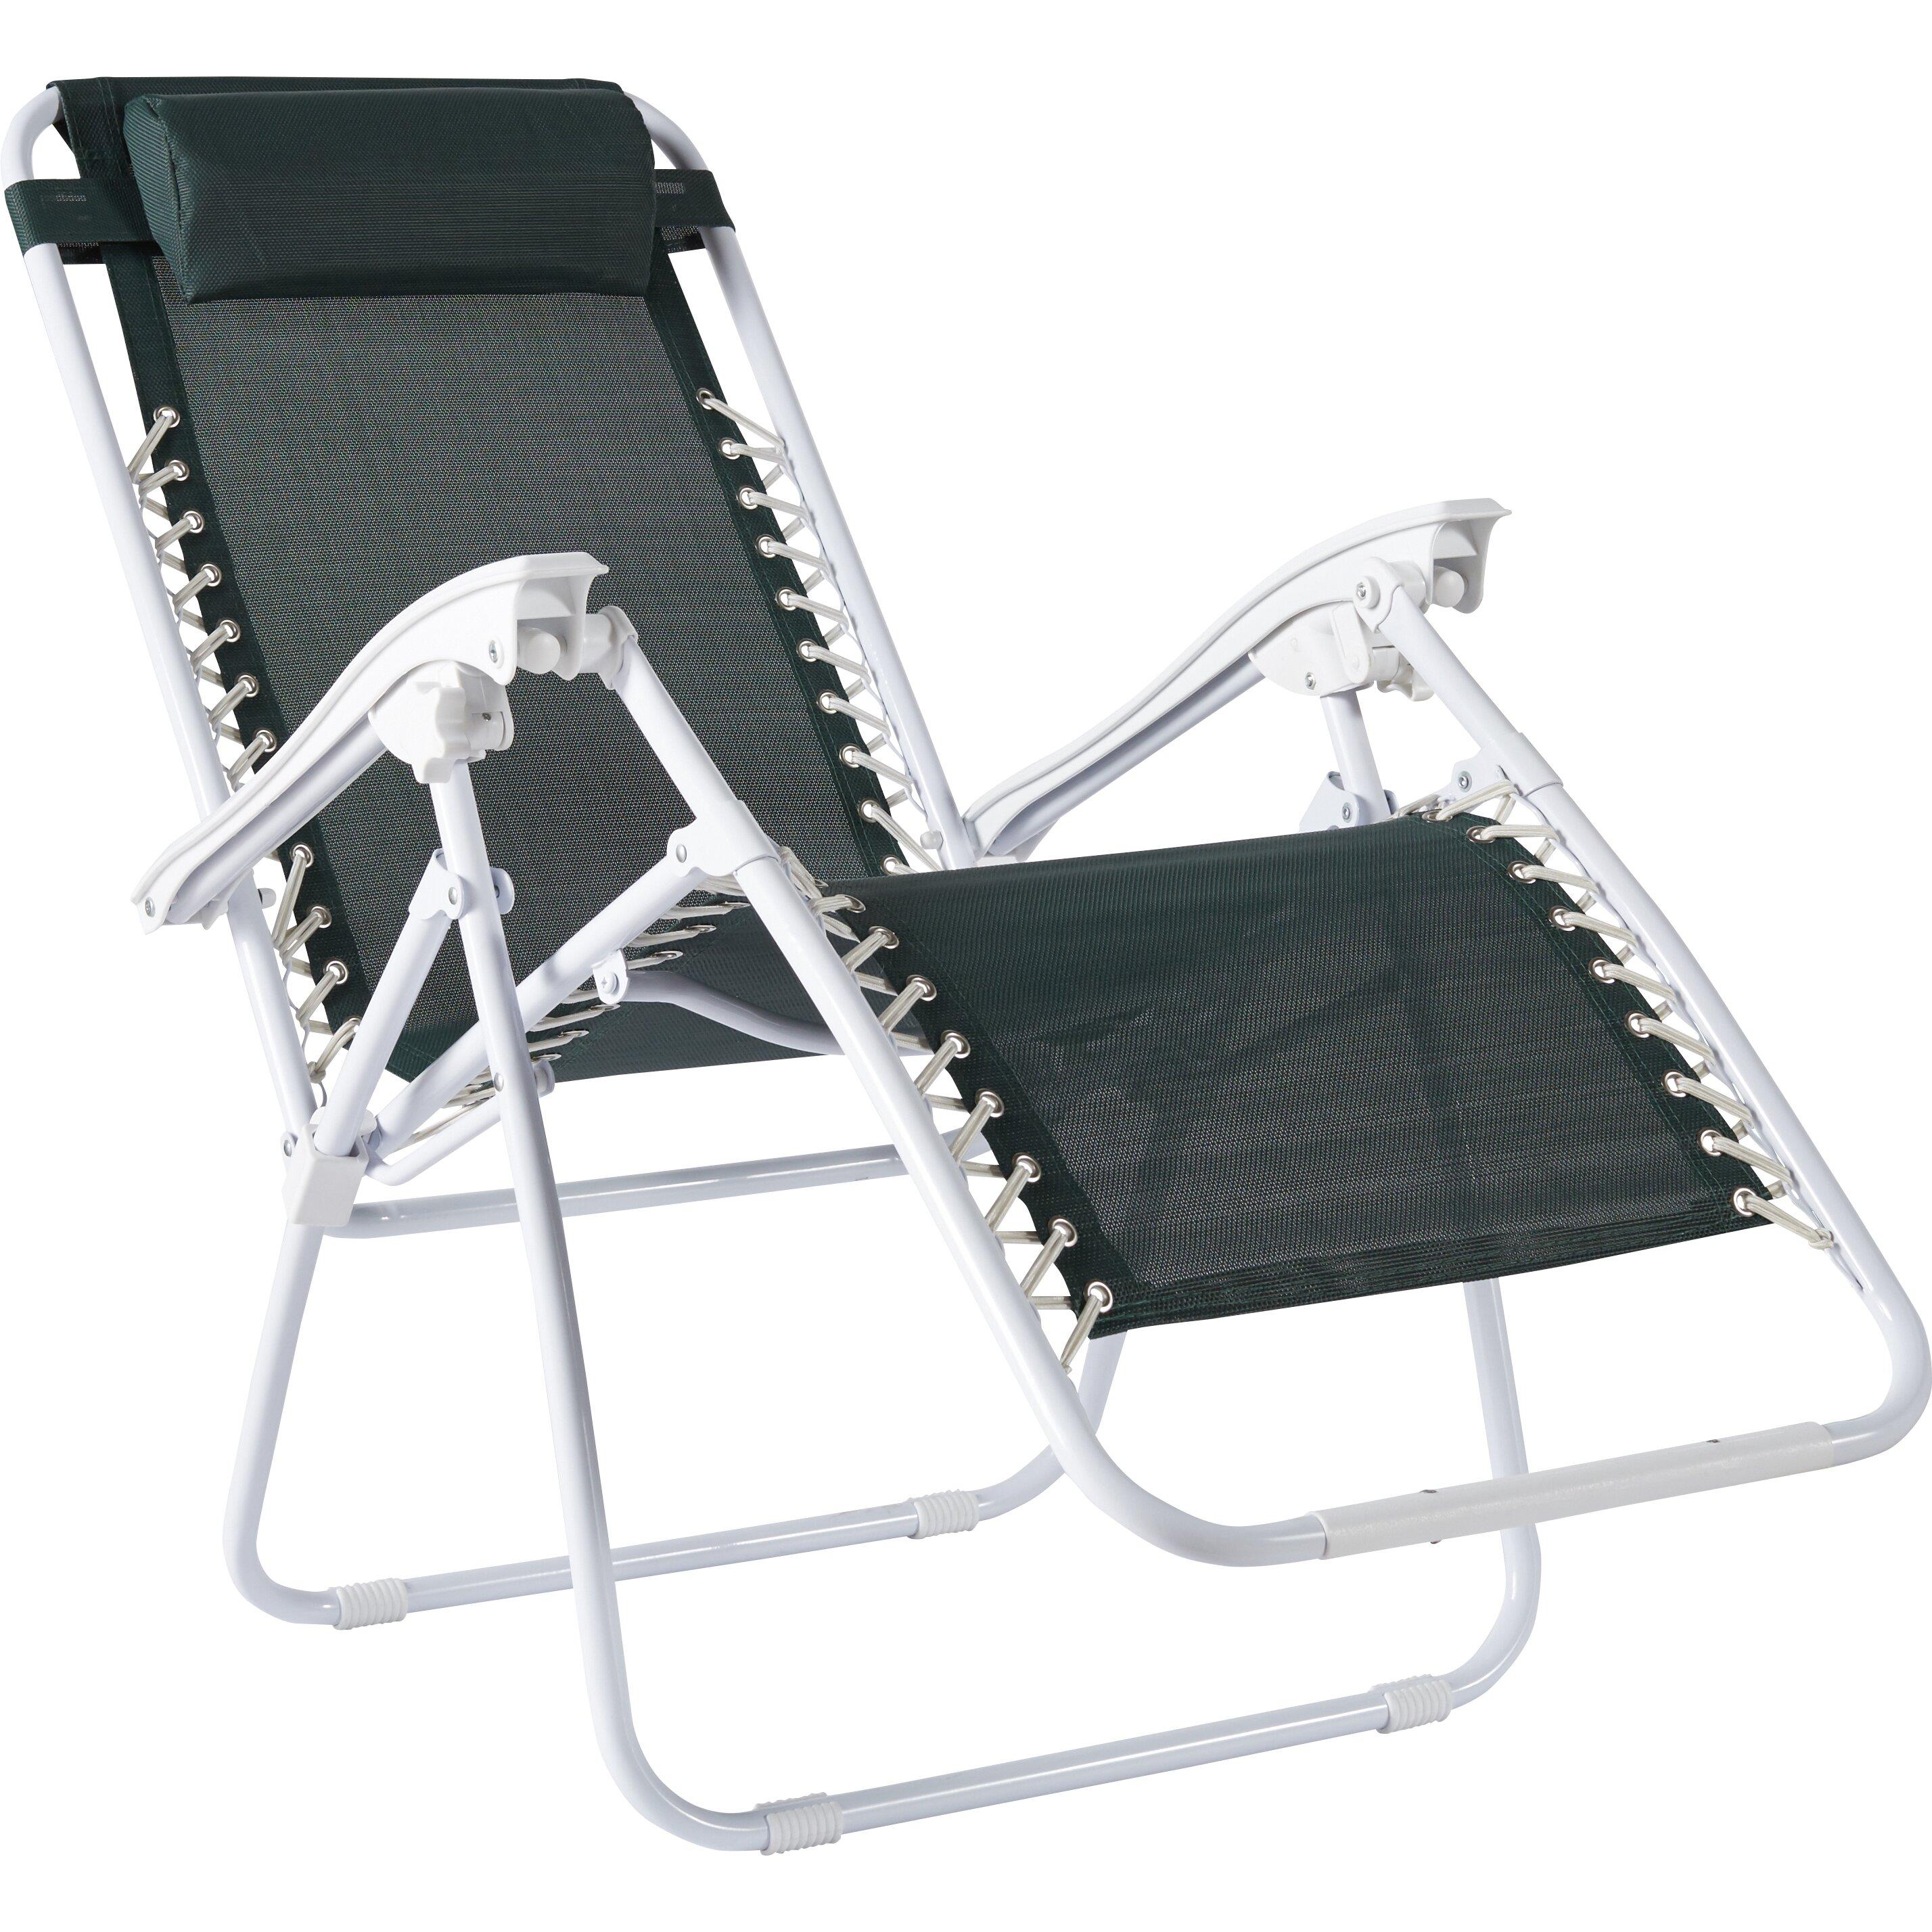 Symple Stuff Zero Gravity Chair & Reviews | Wayfair